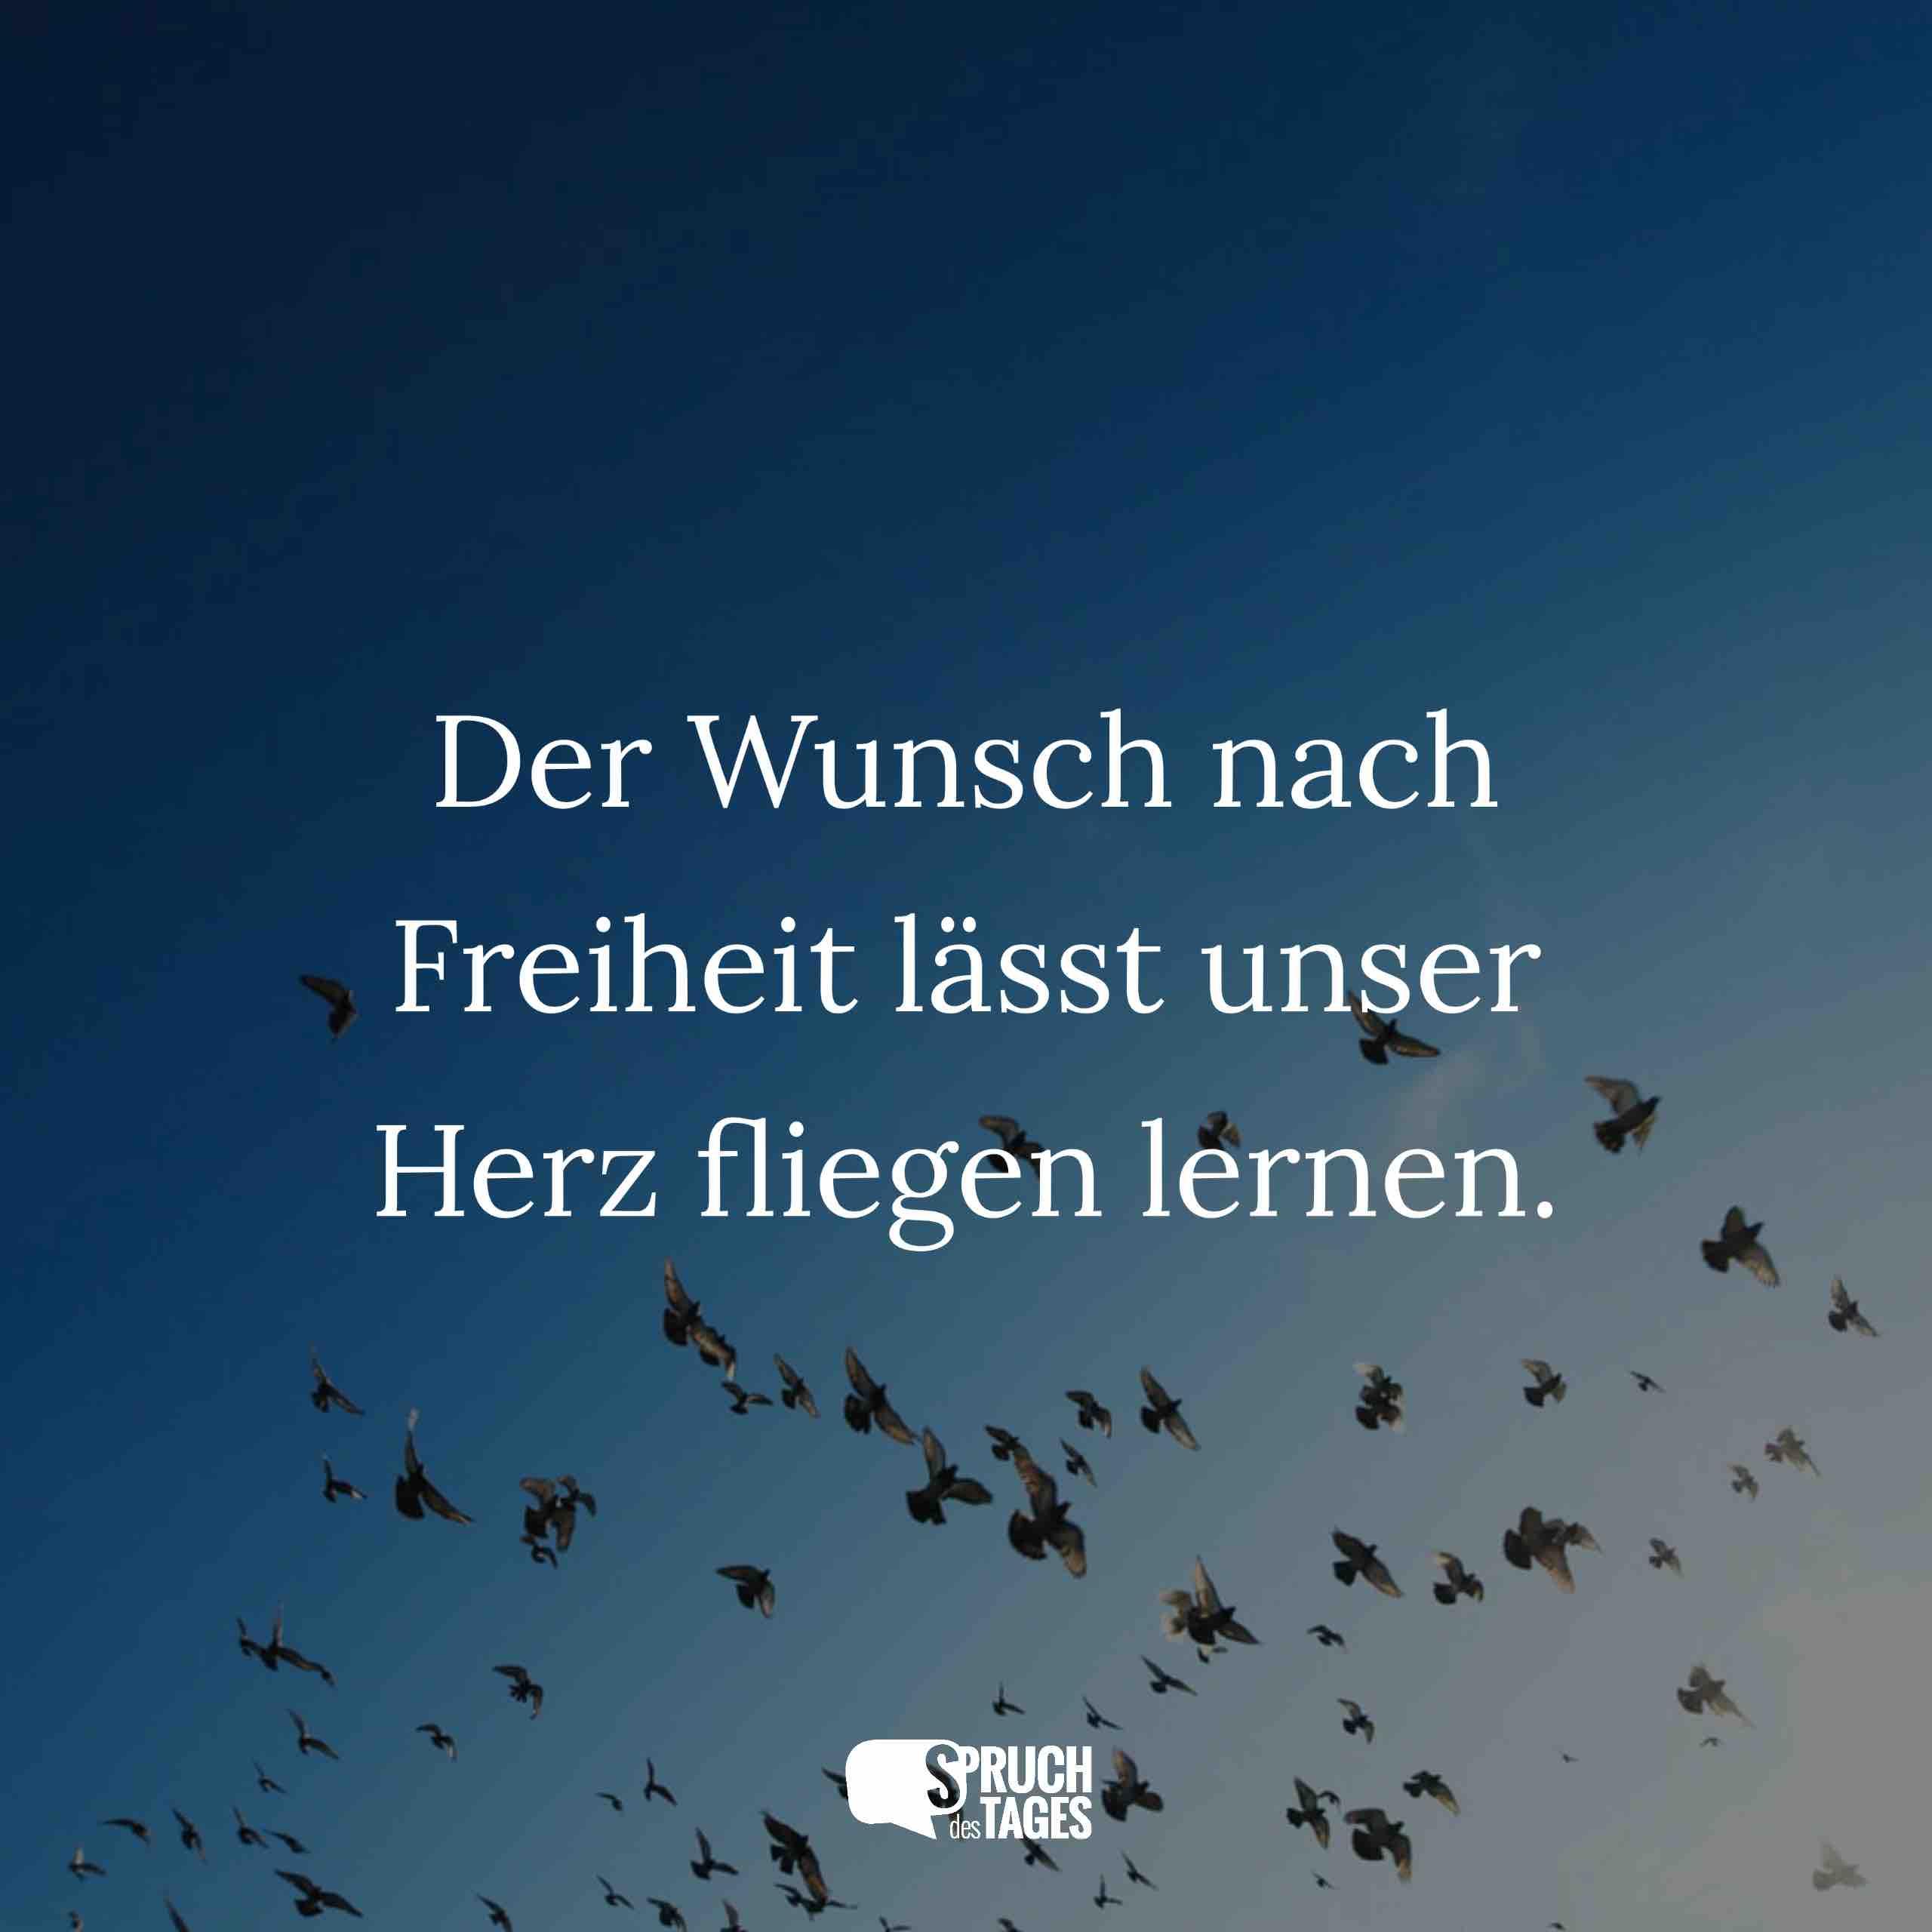 Der Wunsch Nach Freiheit Lässt Unser Herz Fliegen Lernen.